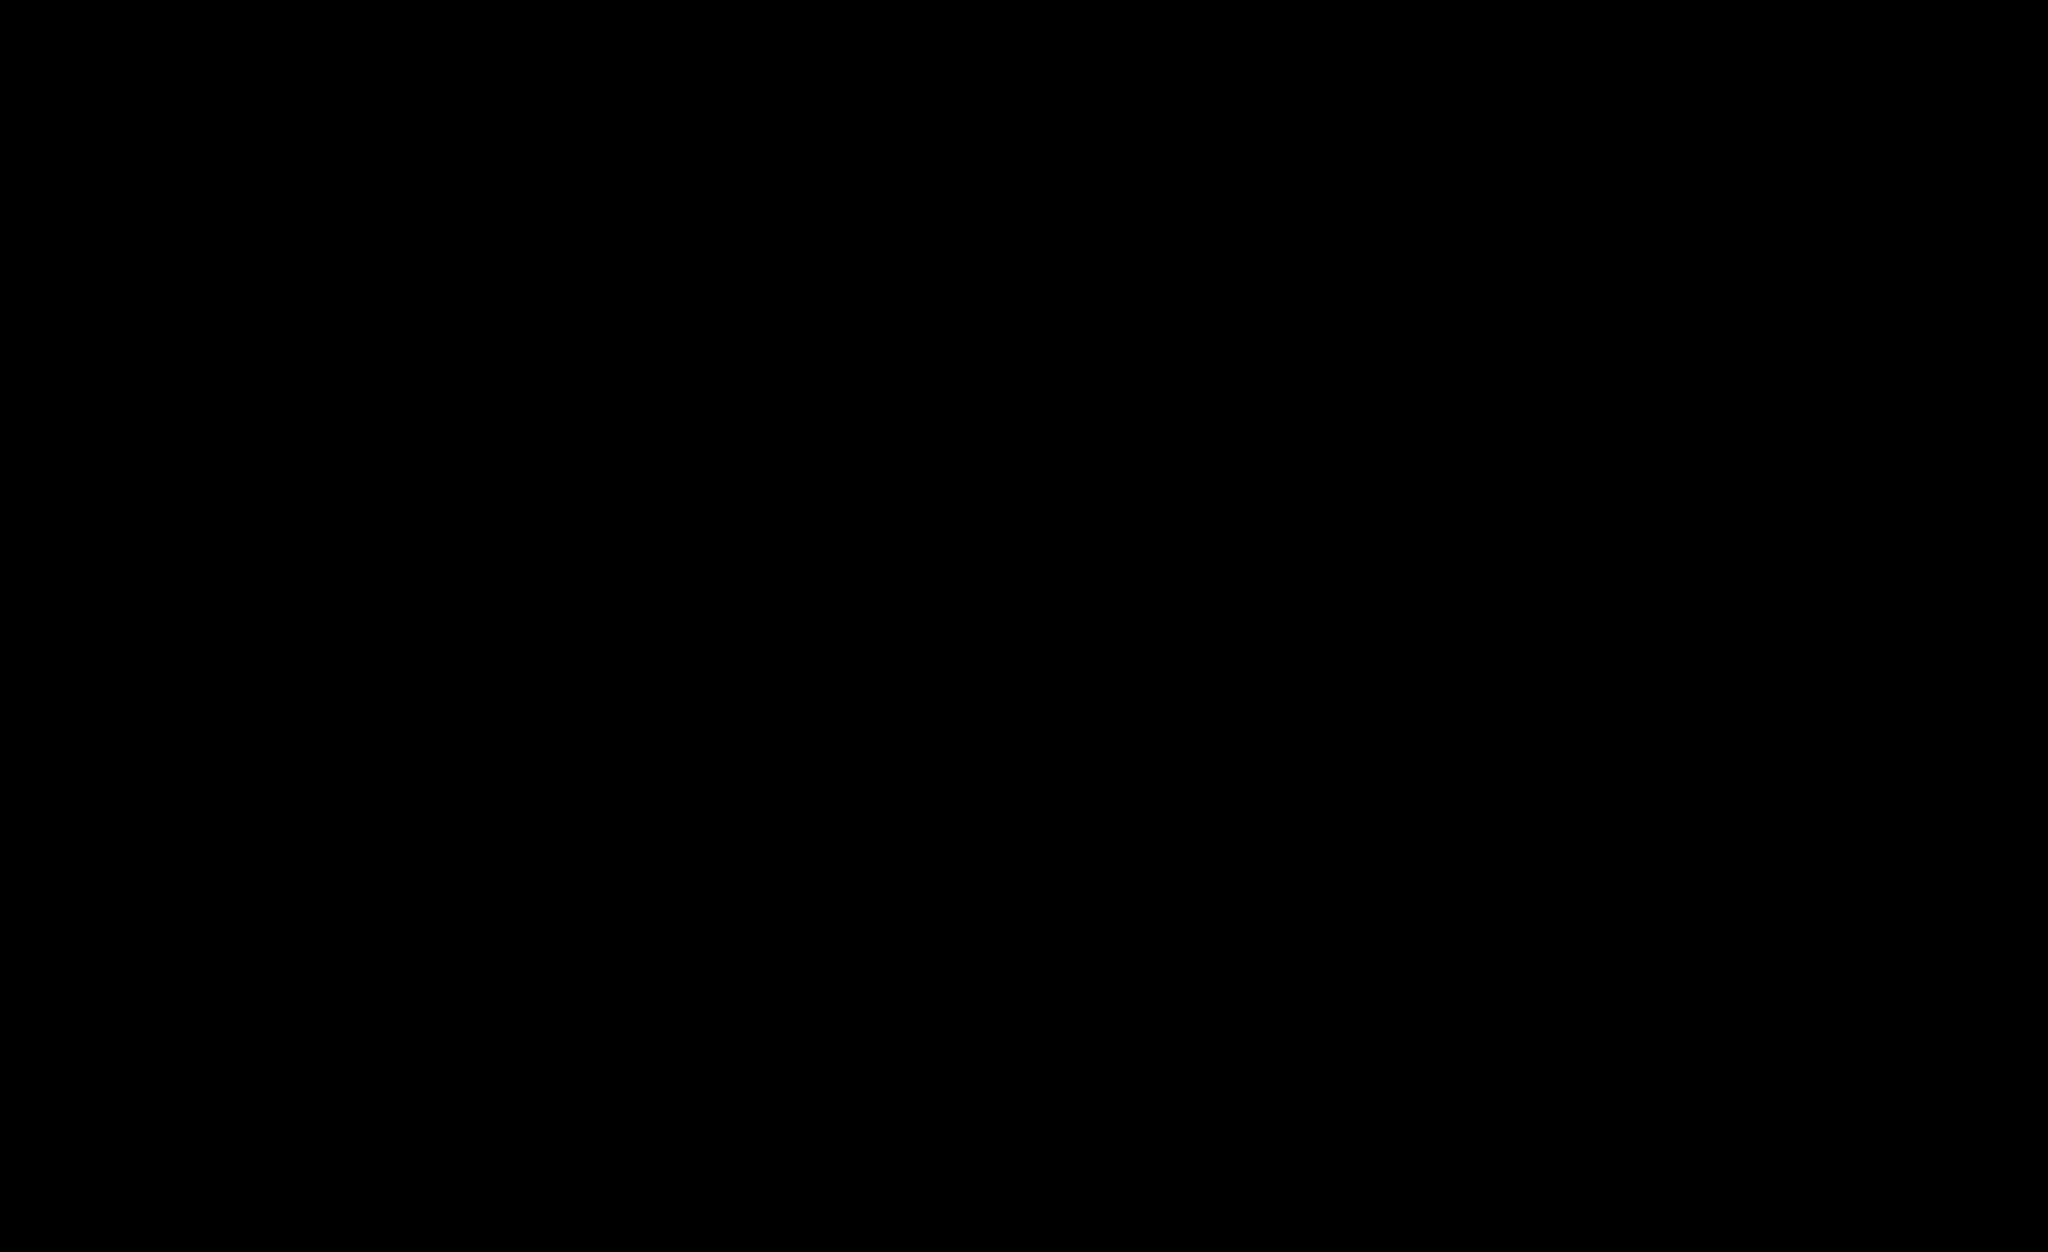 Kolme piirroslintua istuu puun oksalla ja yksi lintu lentää.